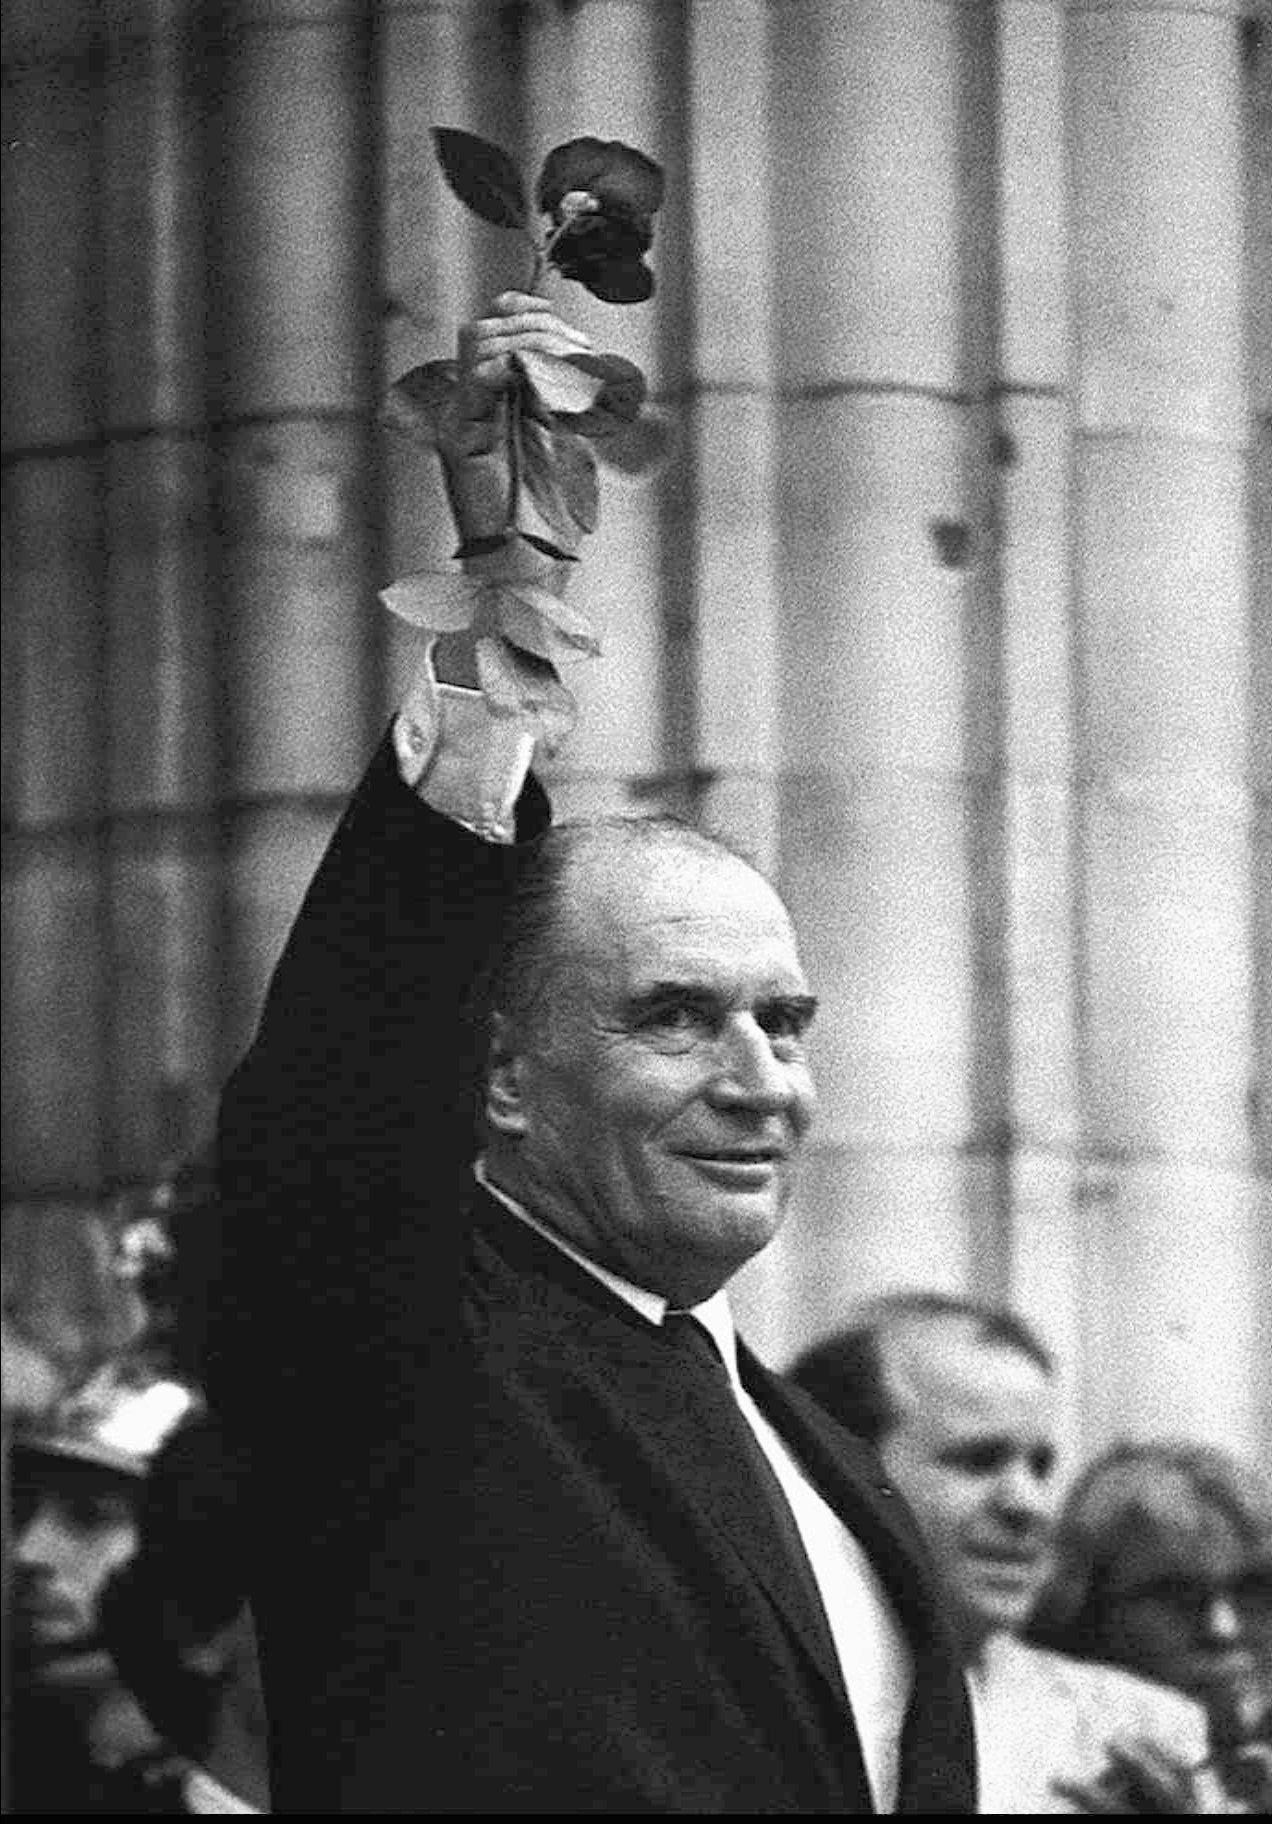 Präsidenten Frankreich/ Mitterrand/ Rose